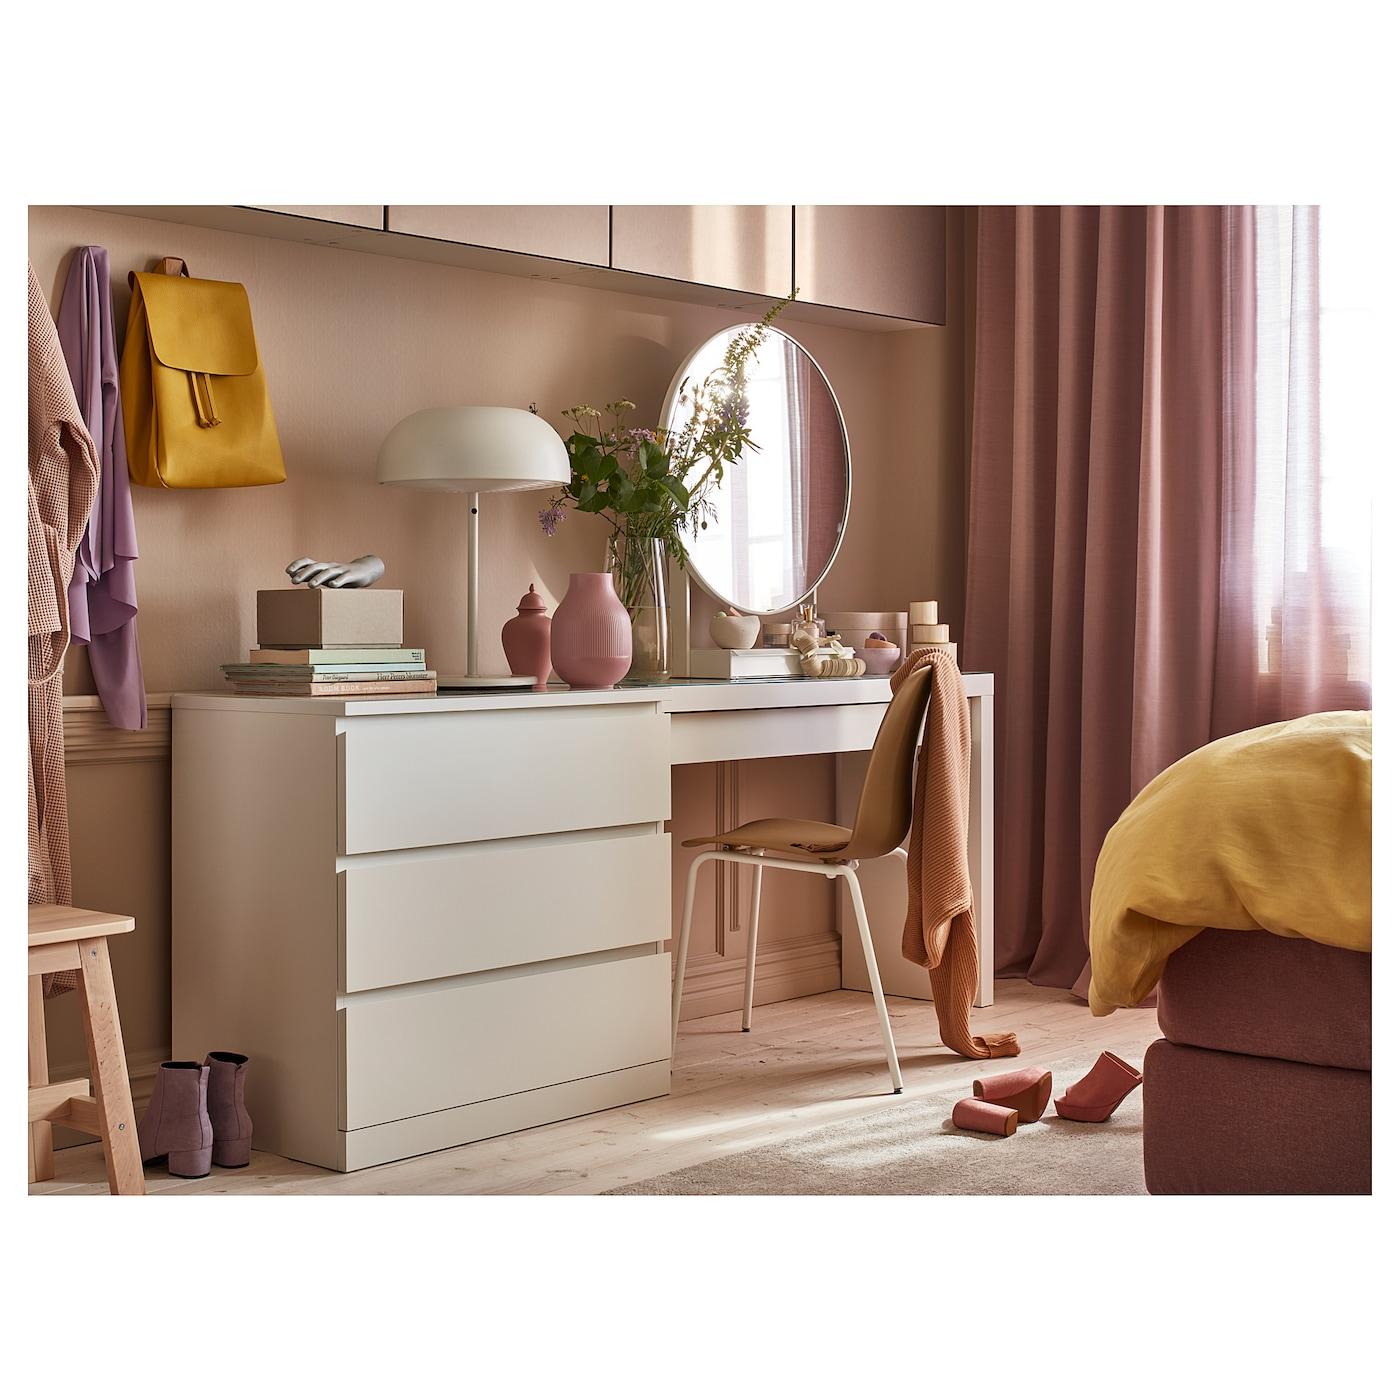 MALM Kommode mit 4 Schubladen Hochglanz weiß IKEA